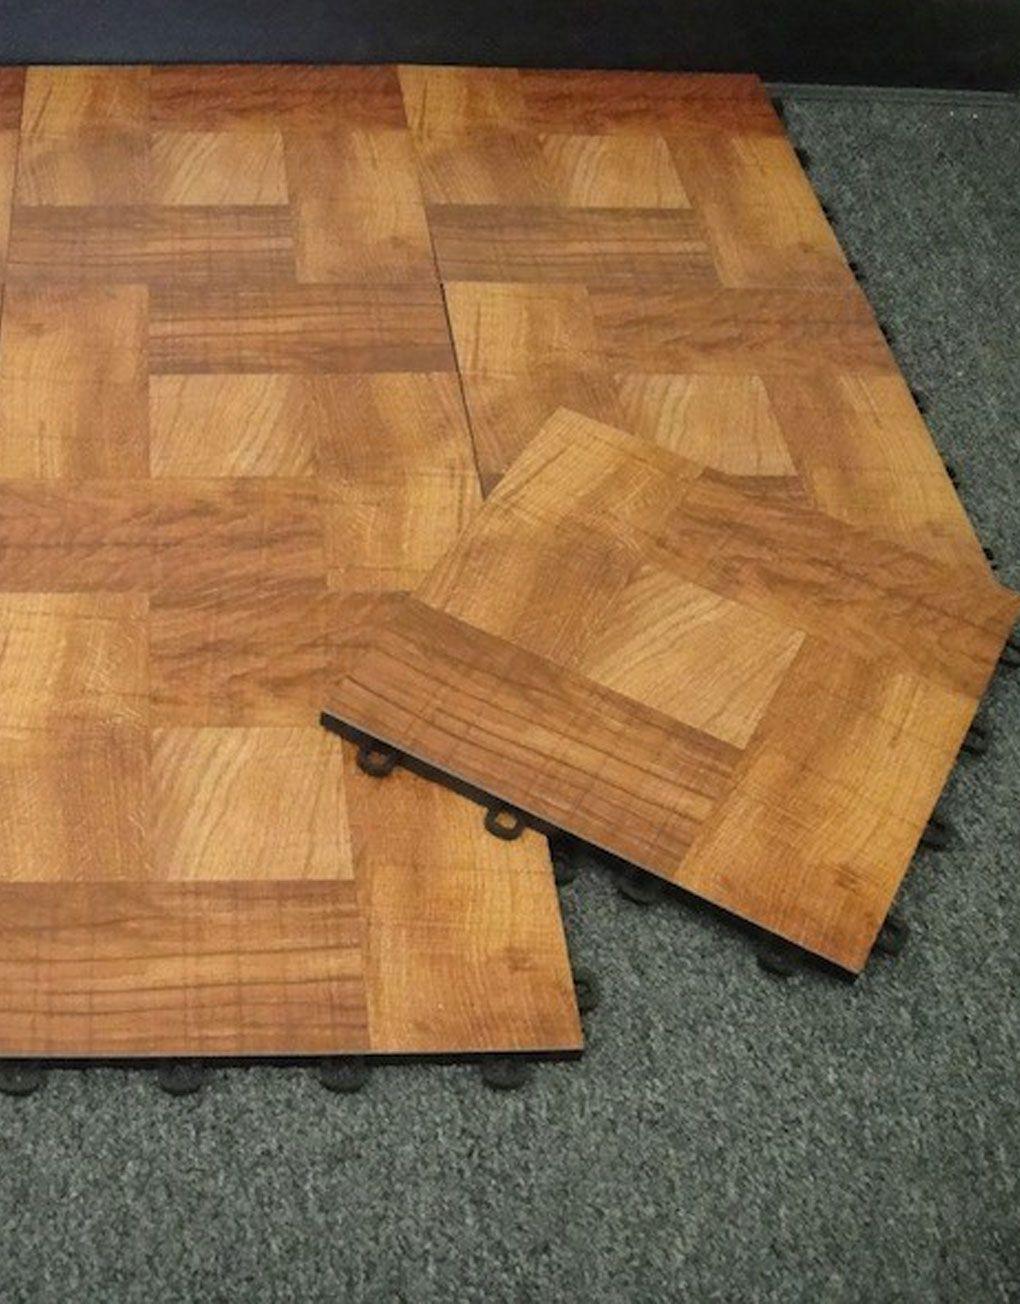 Interlocking vinyl top wood modular laminate tile flooring interlocking vinyl top wood modular floor tiles dailygadgetfo Image collections